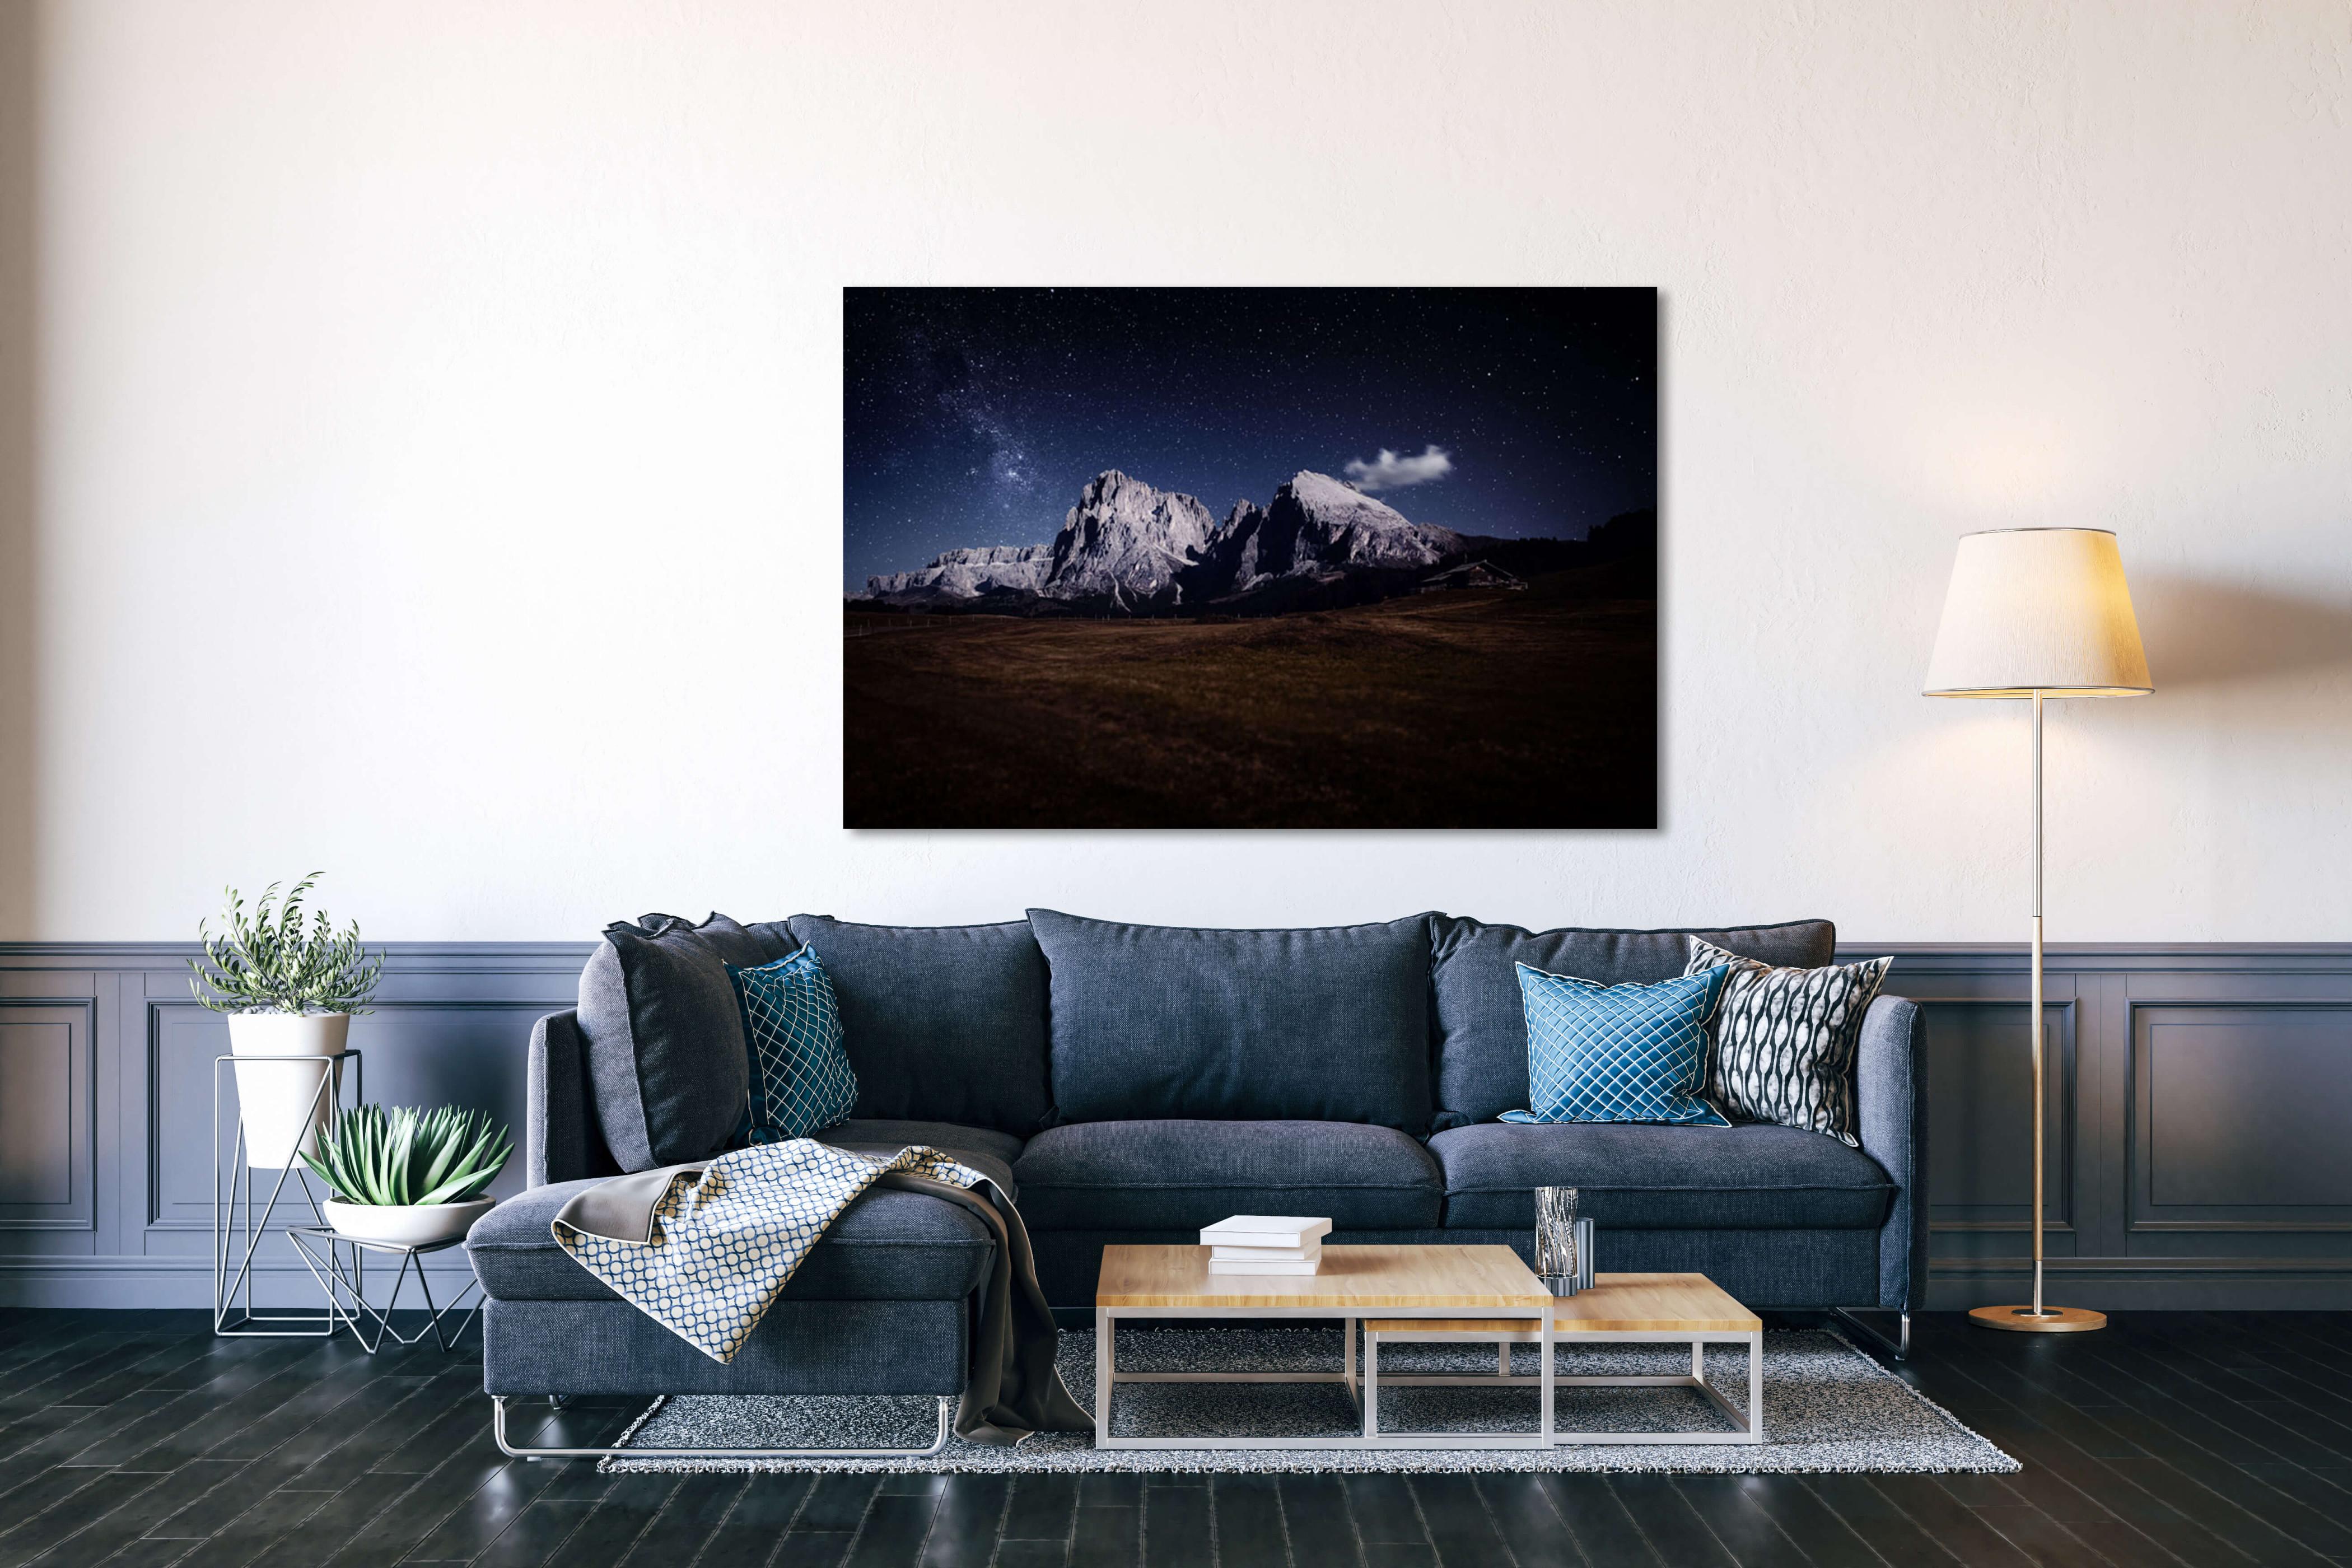 Wandbilder Fürs Wohnzimmer • Nugloss Blog • Tipps Für von Bilder Großformat Wohnzimmer Bild